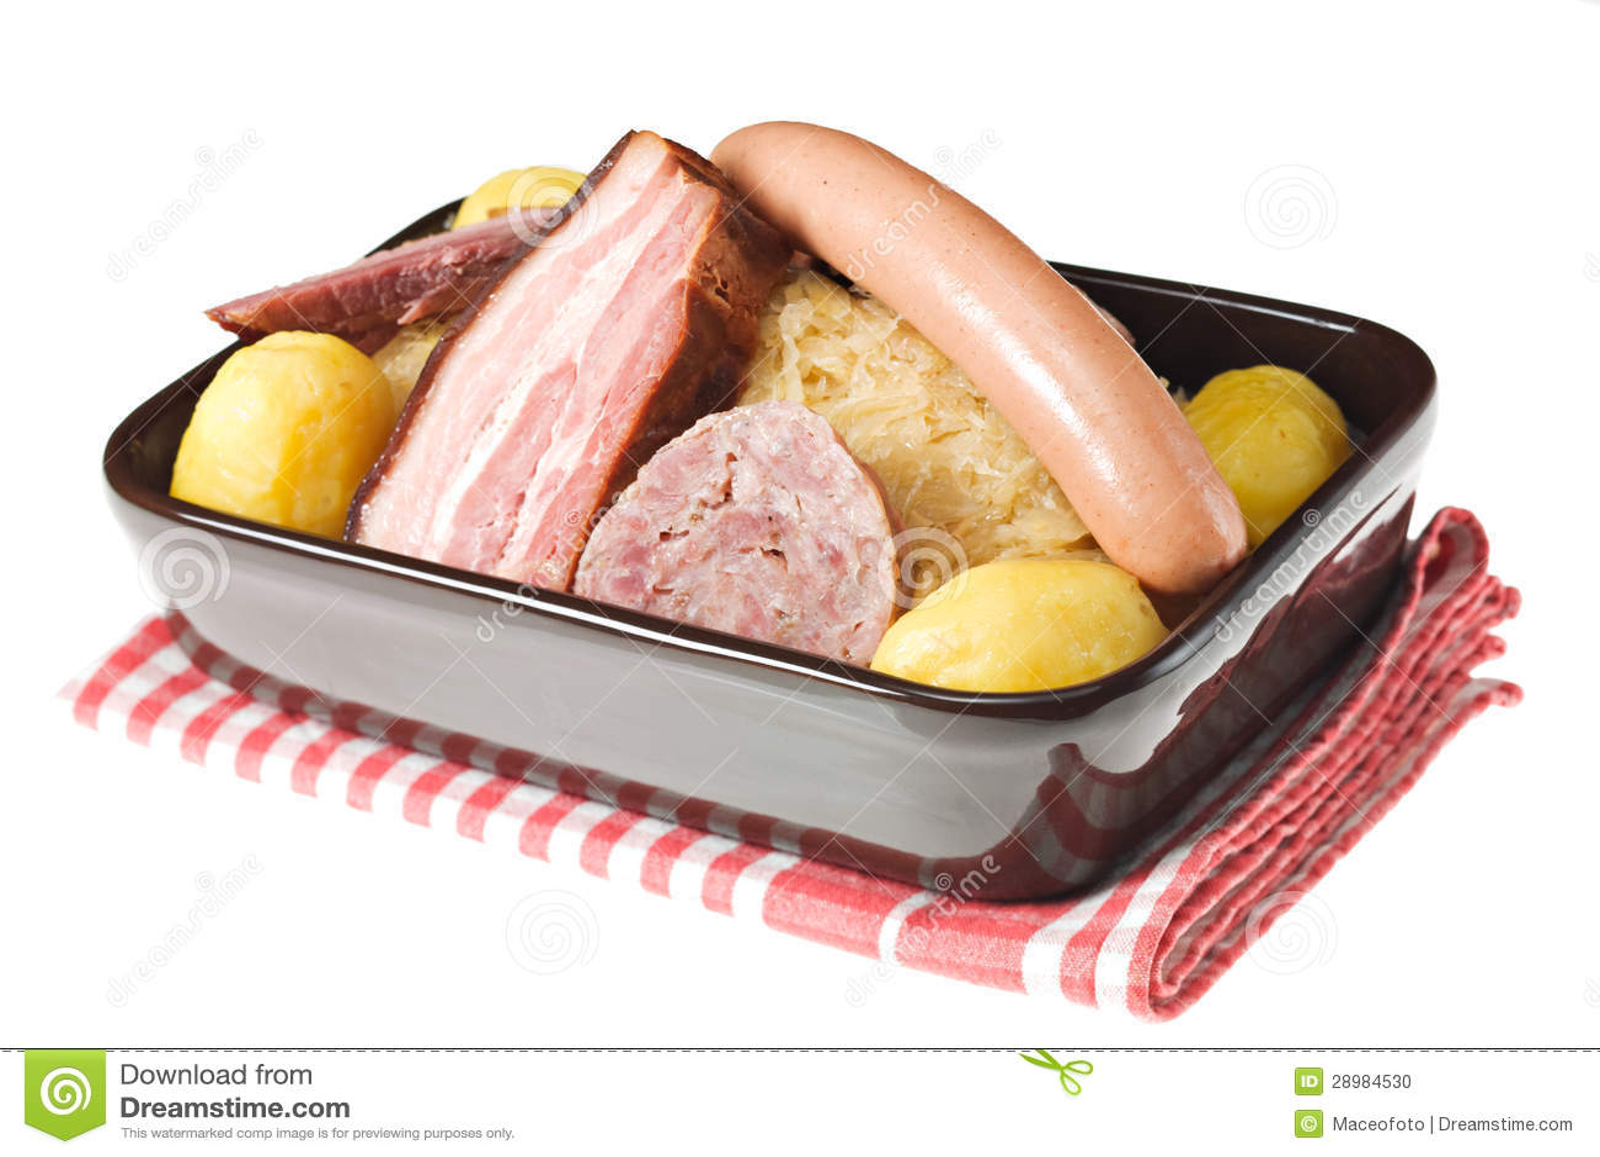 Garnished Sauerkraut